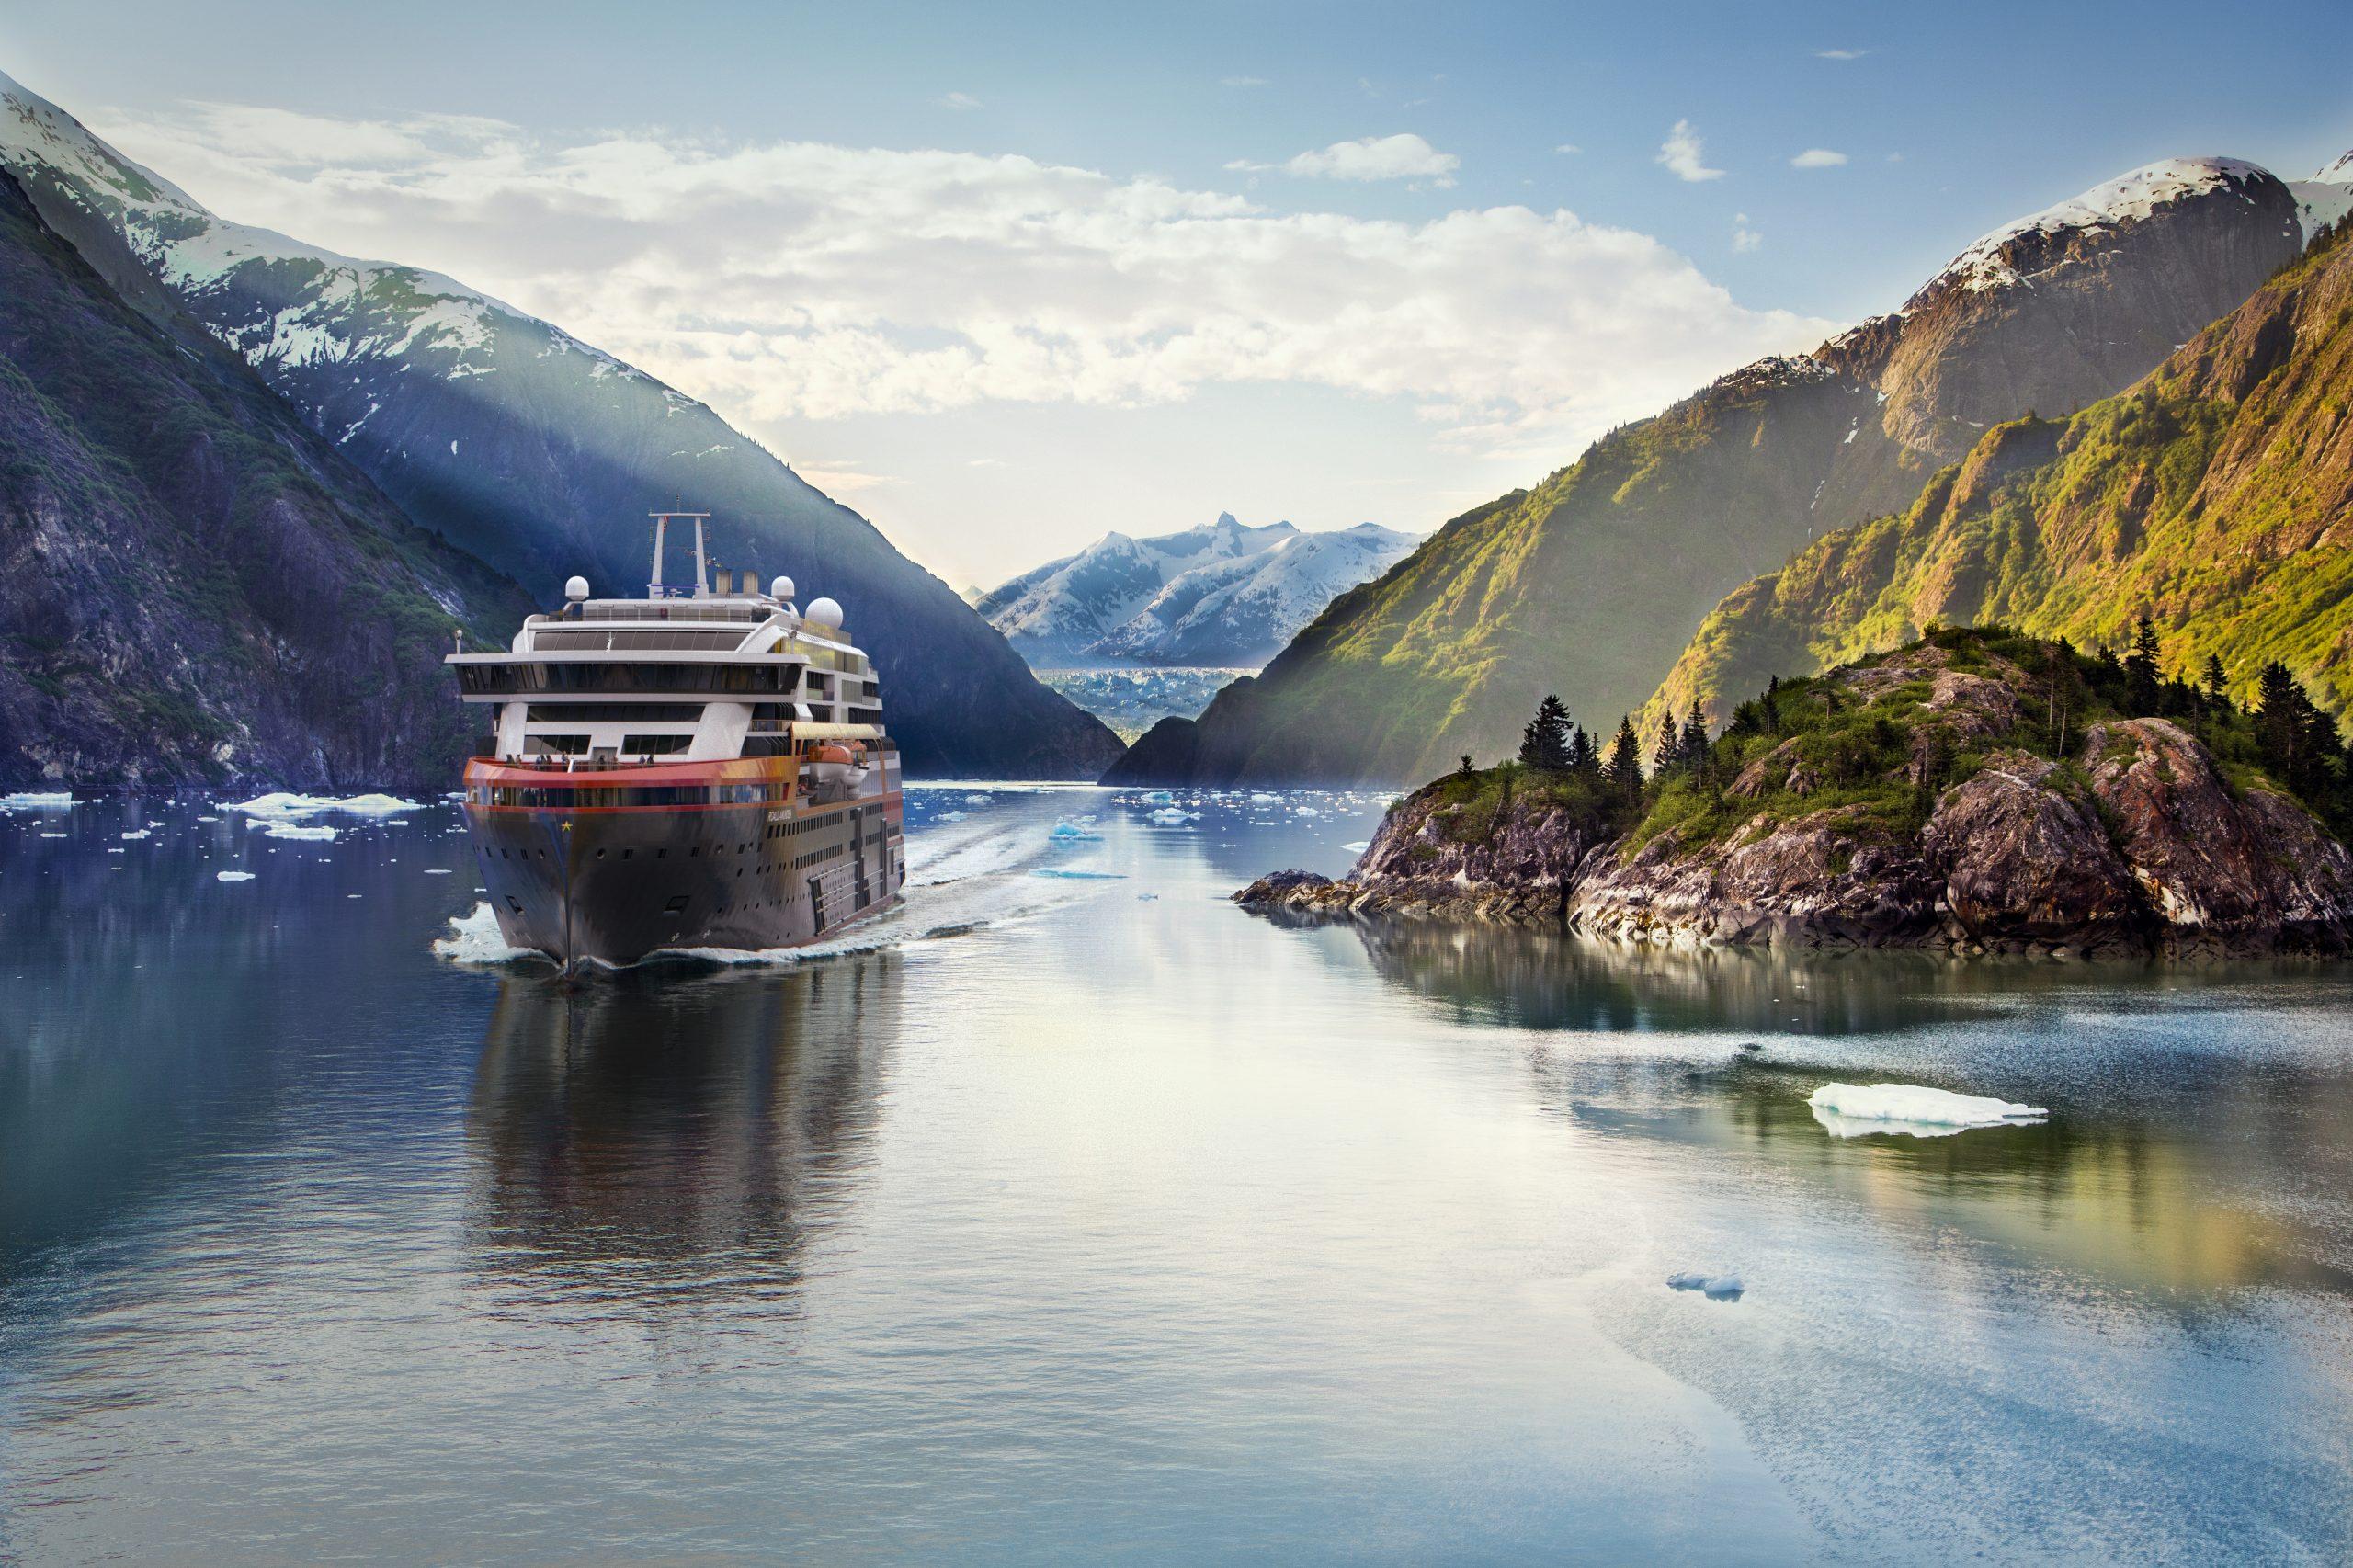 Sidste år tog Hurtigruten verdens første hybriddrevne ekspeditionskrydstogtskib, MS Roald Amundsen, i brug – i år kom søsterskibet MS Fridtjof Nansen også i flåden. Her pressearkivfoto fra Hurtigruten med MS Roald Amundsen.